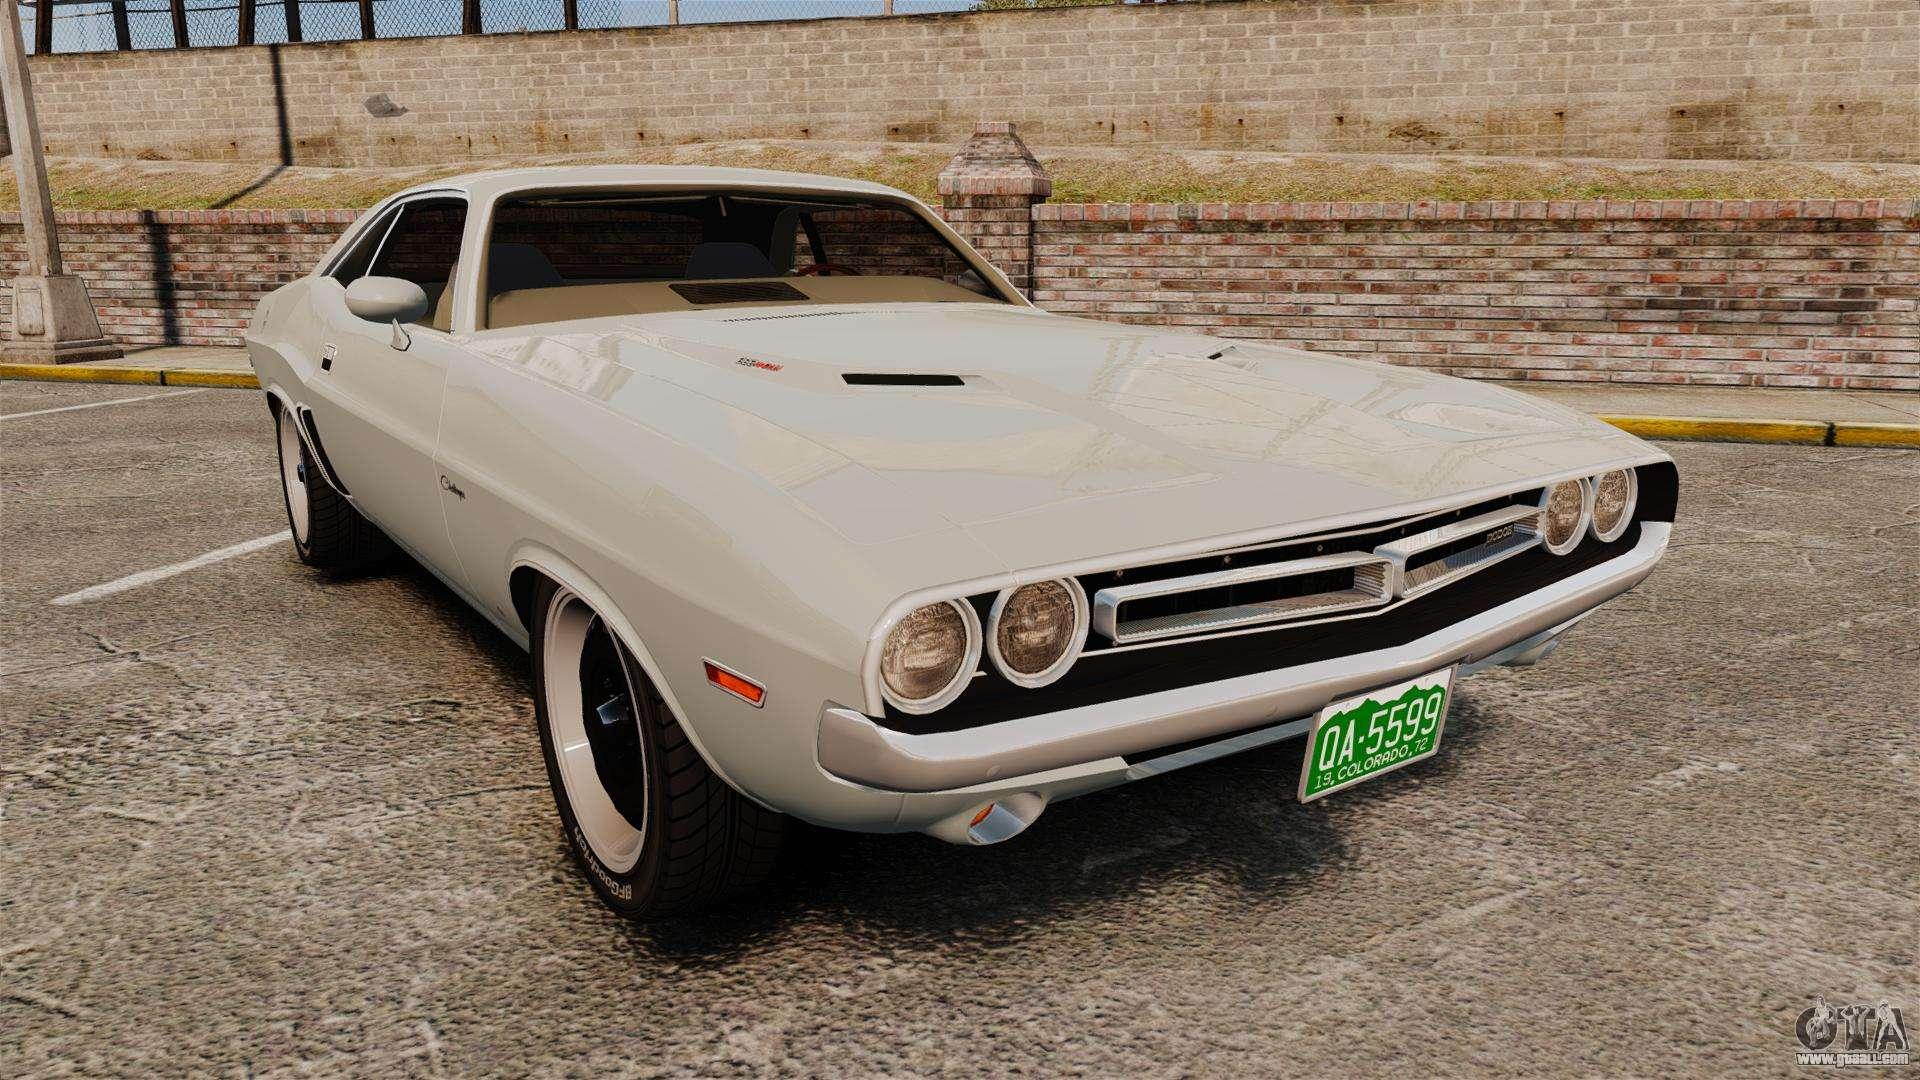 Dodge challenger 1971 vanishing point for gta 4